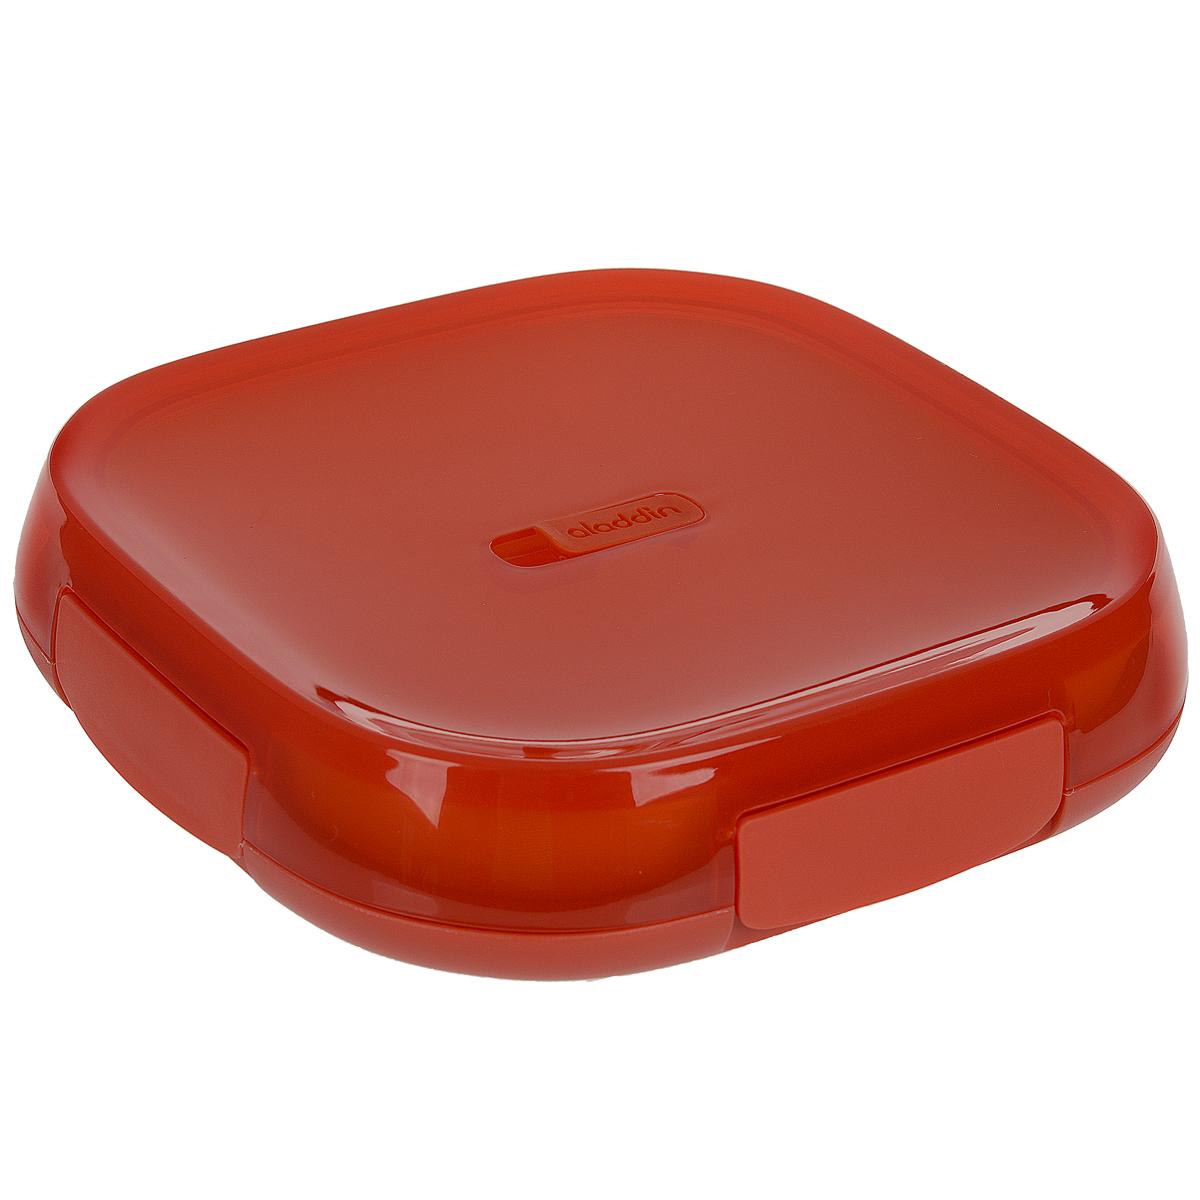 Контейнер для ланча Aladdin Lunch Plate, цвет: красный, 0,85 л10-01546-001Герметичный кейс для ланча коллекции Crave изготовлен из пластика. Двустенная изоляция, в комплекте с тарелкой, с вентиляционным отверстием для подогрева в микроволновой печи. Не содержит бисфенол А. Размер контейнера: 22,5 см х 22,5 см х 5 см. Размер тарелки: 20 см х 20 см.